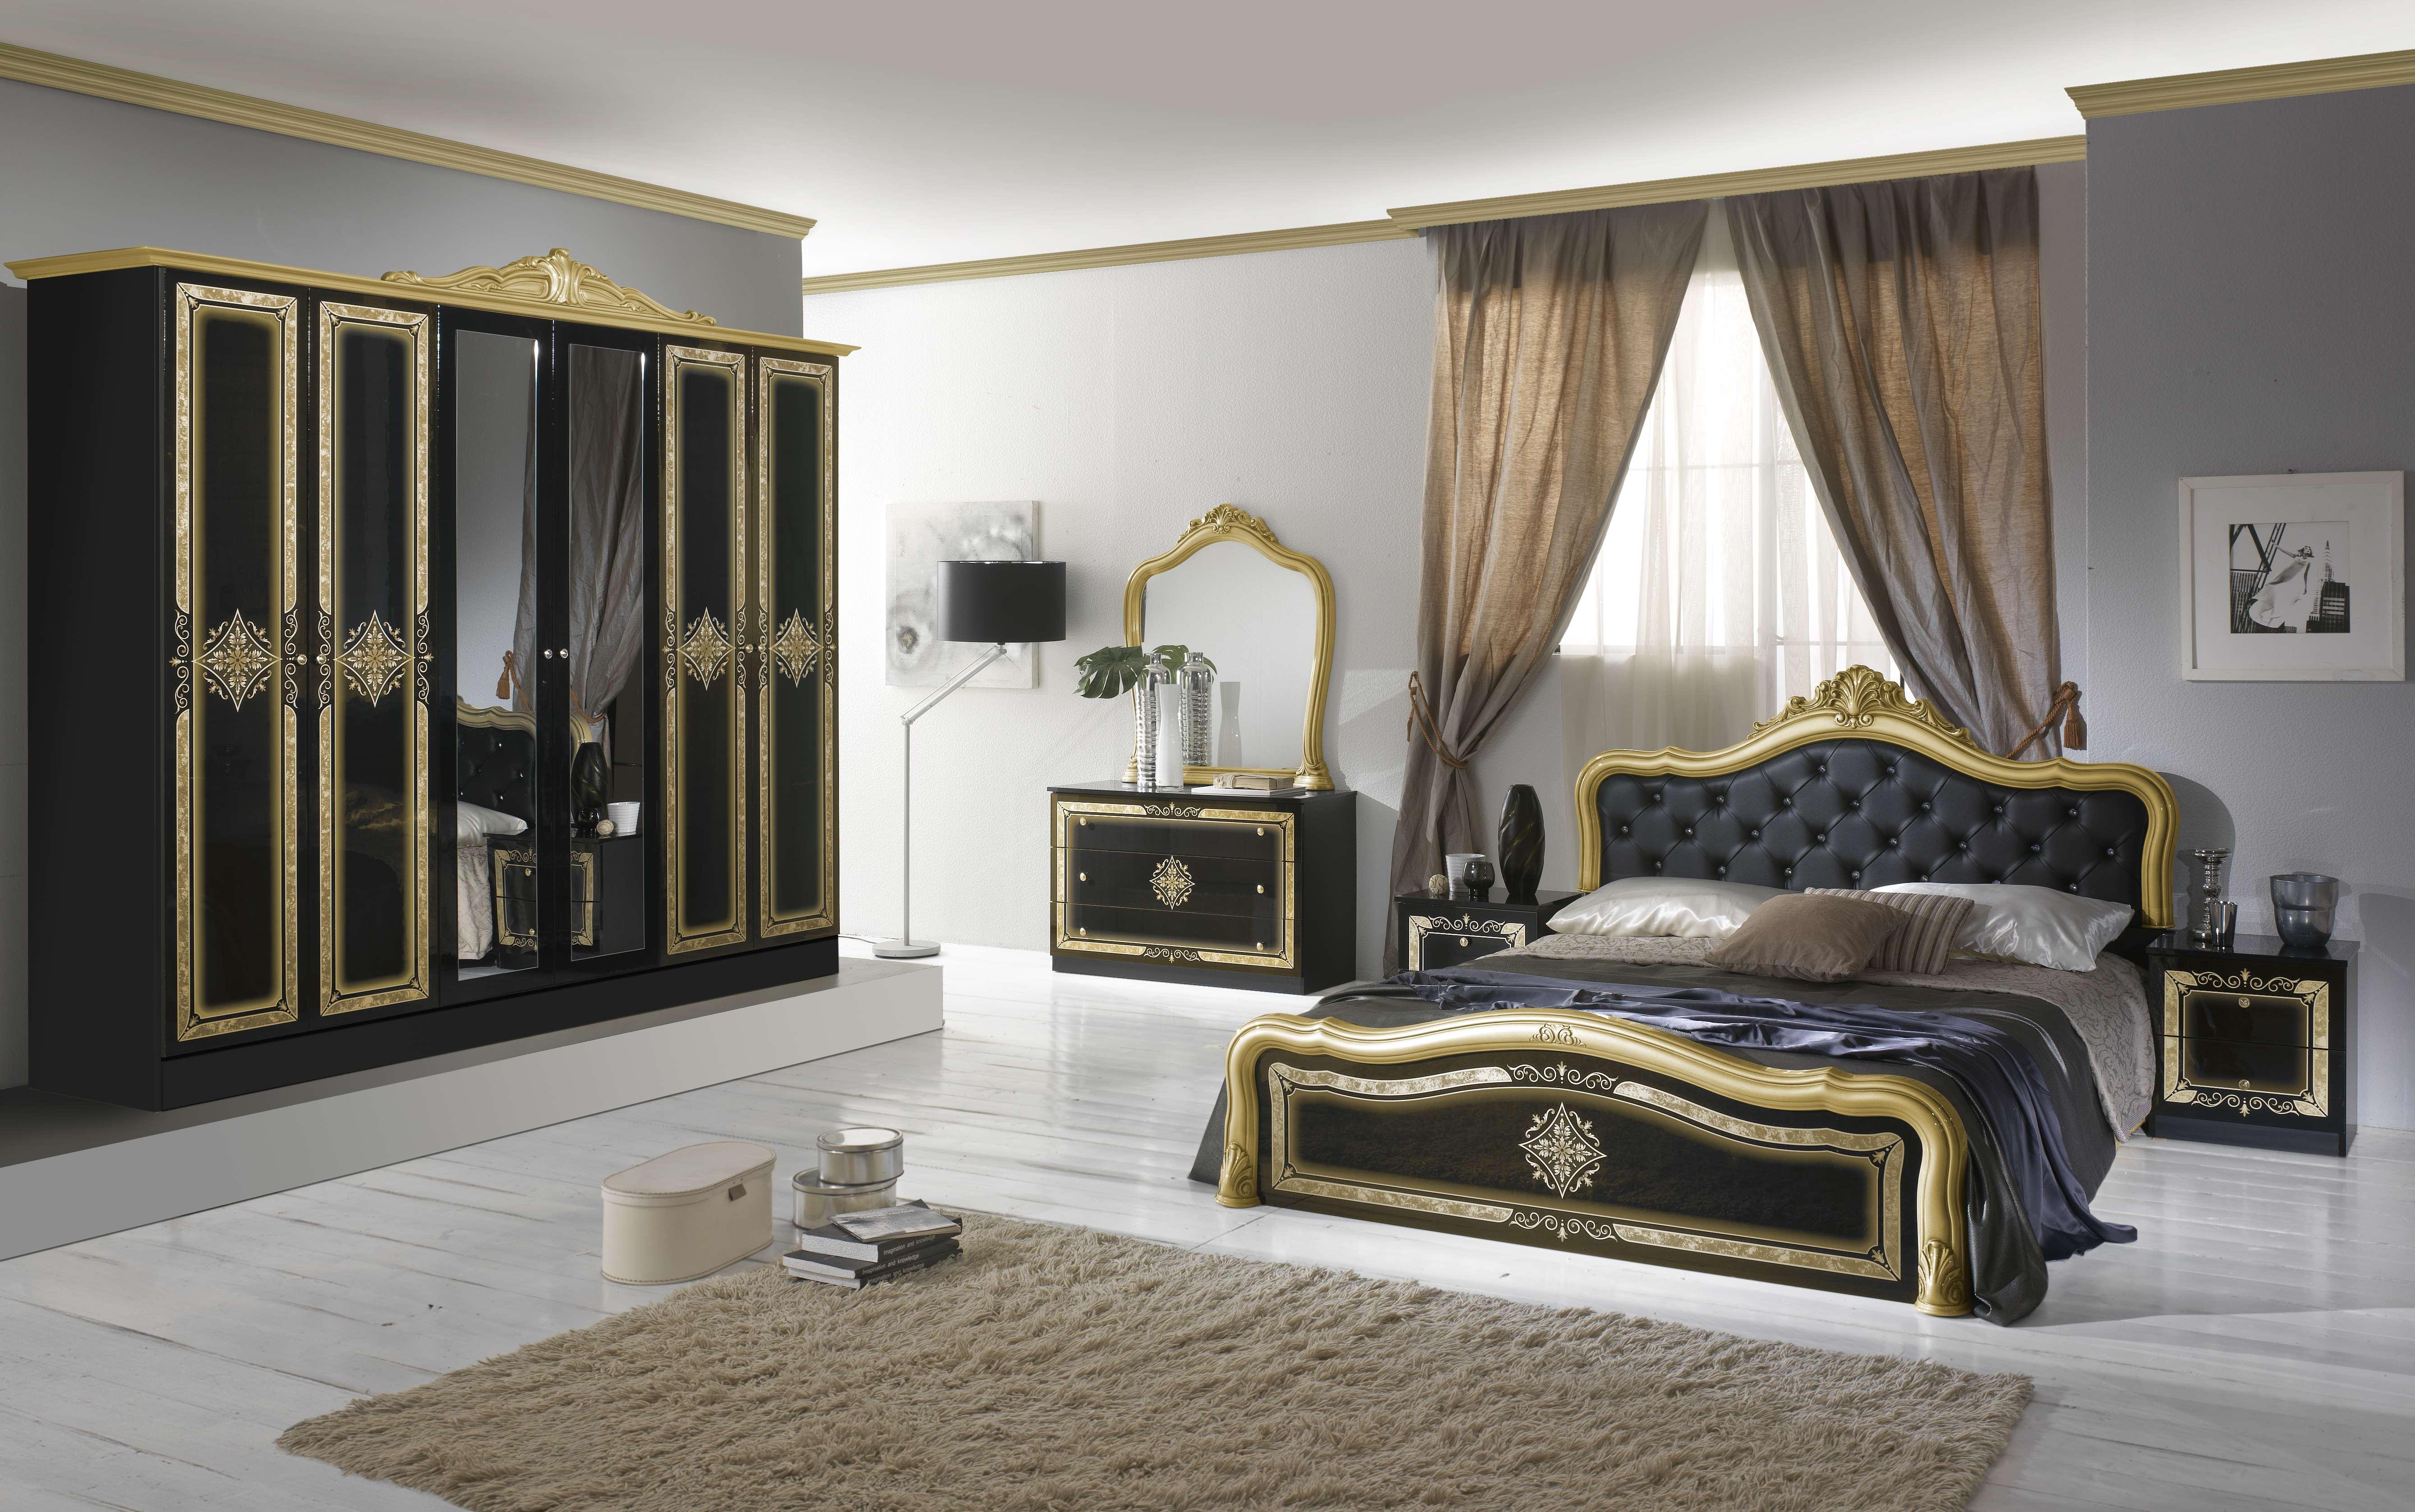 Barock Schlafzimmer Livia in Schwarz/Gold 6-Teilig